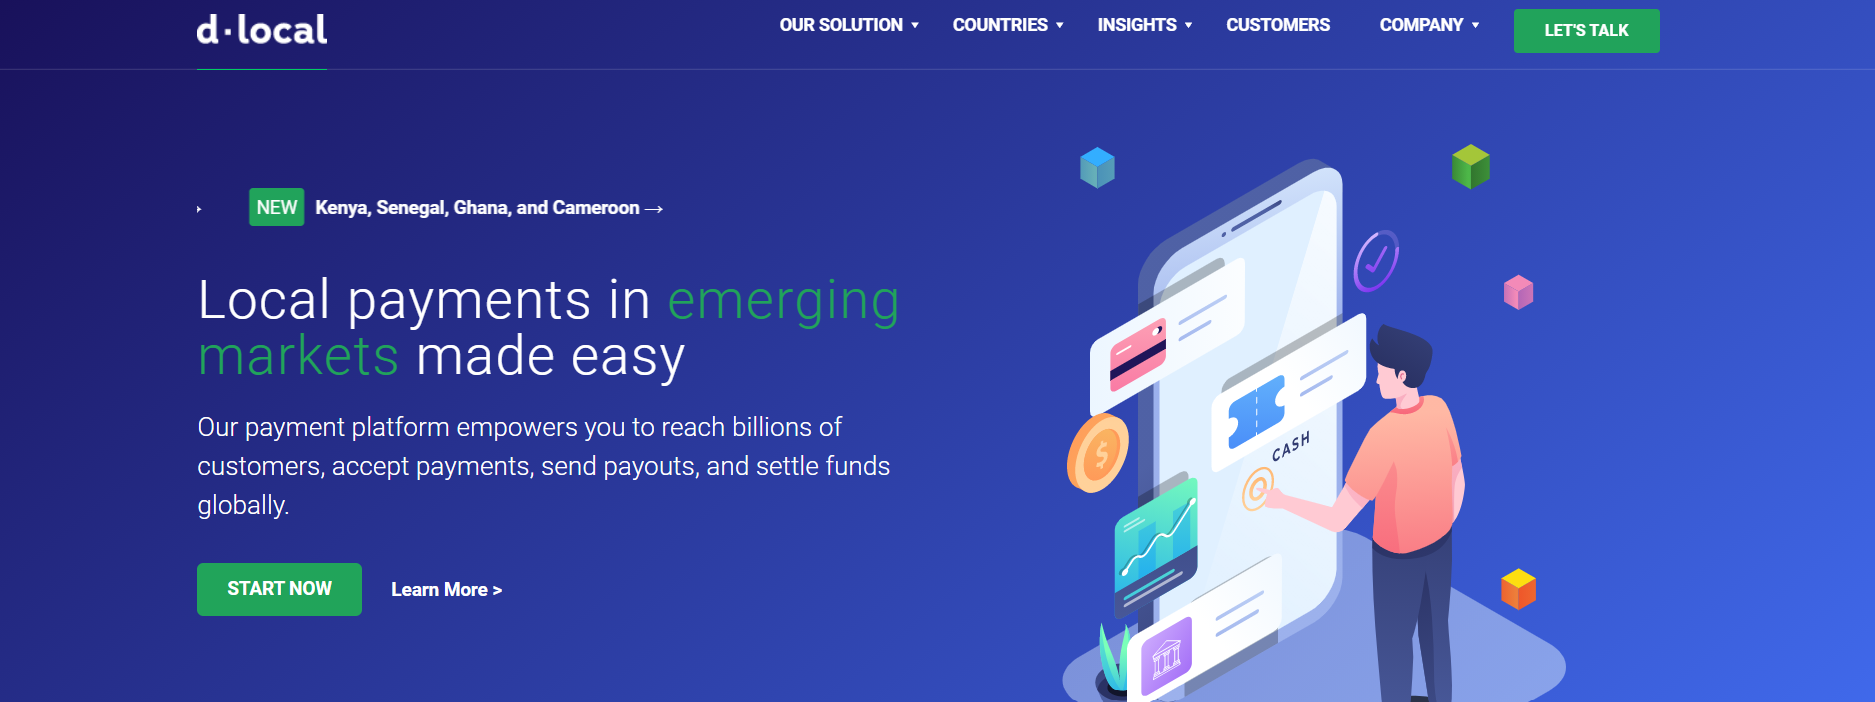 Unicórnio uruguaio dLocal acelera expansão internacional e adiciona pagamentos da Microsoft na Nigéria